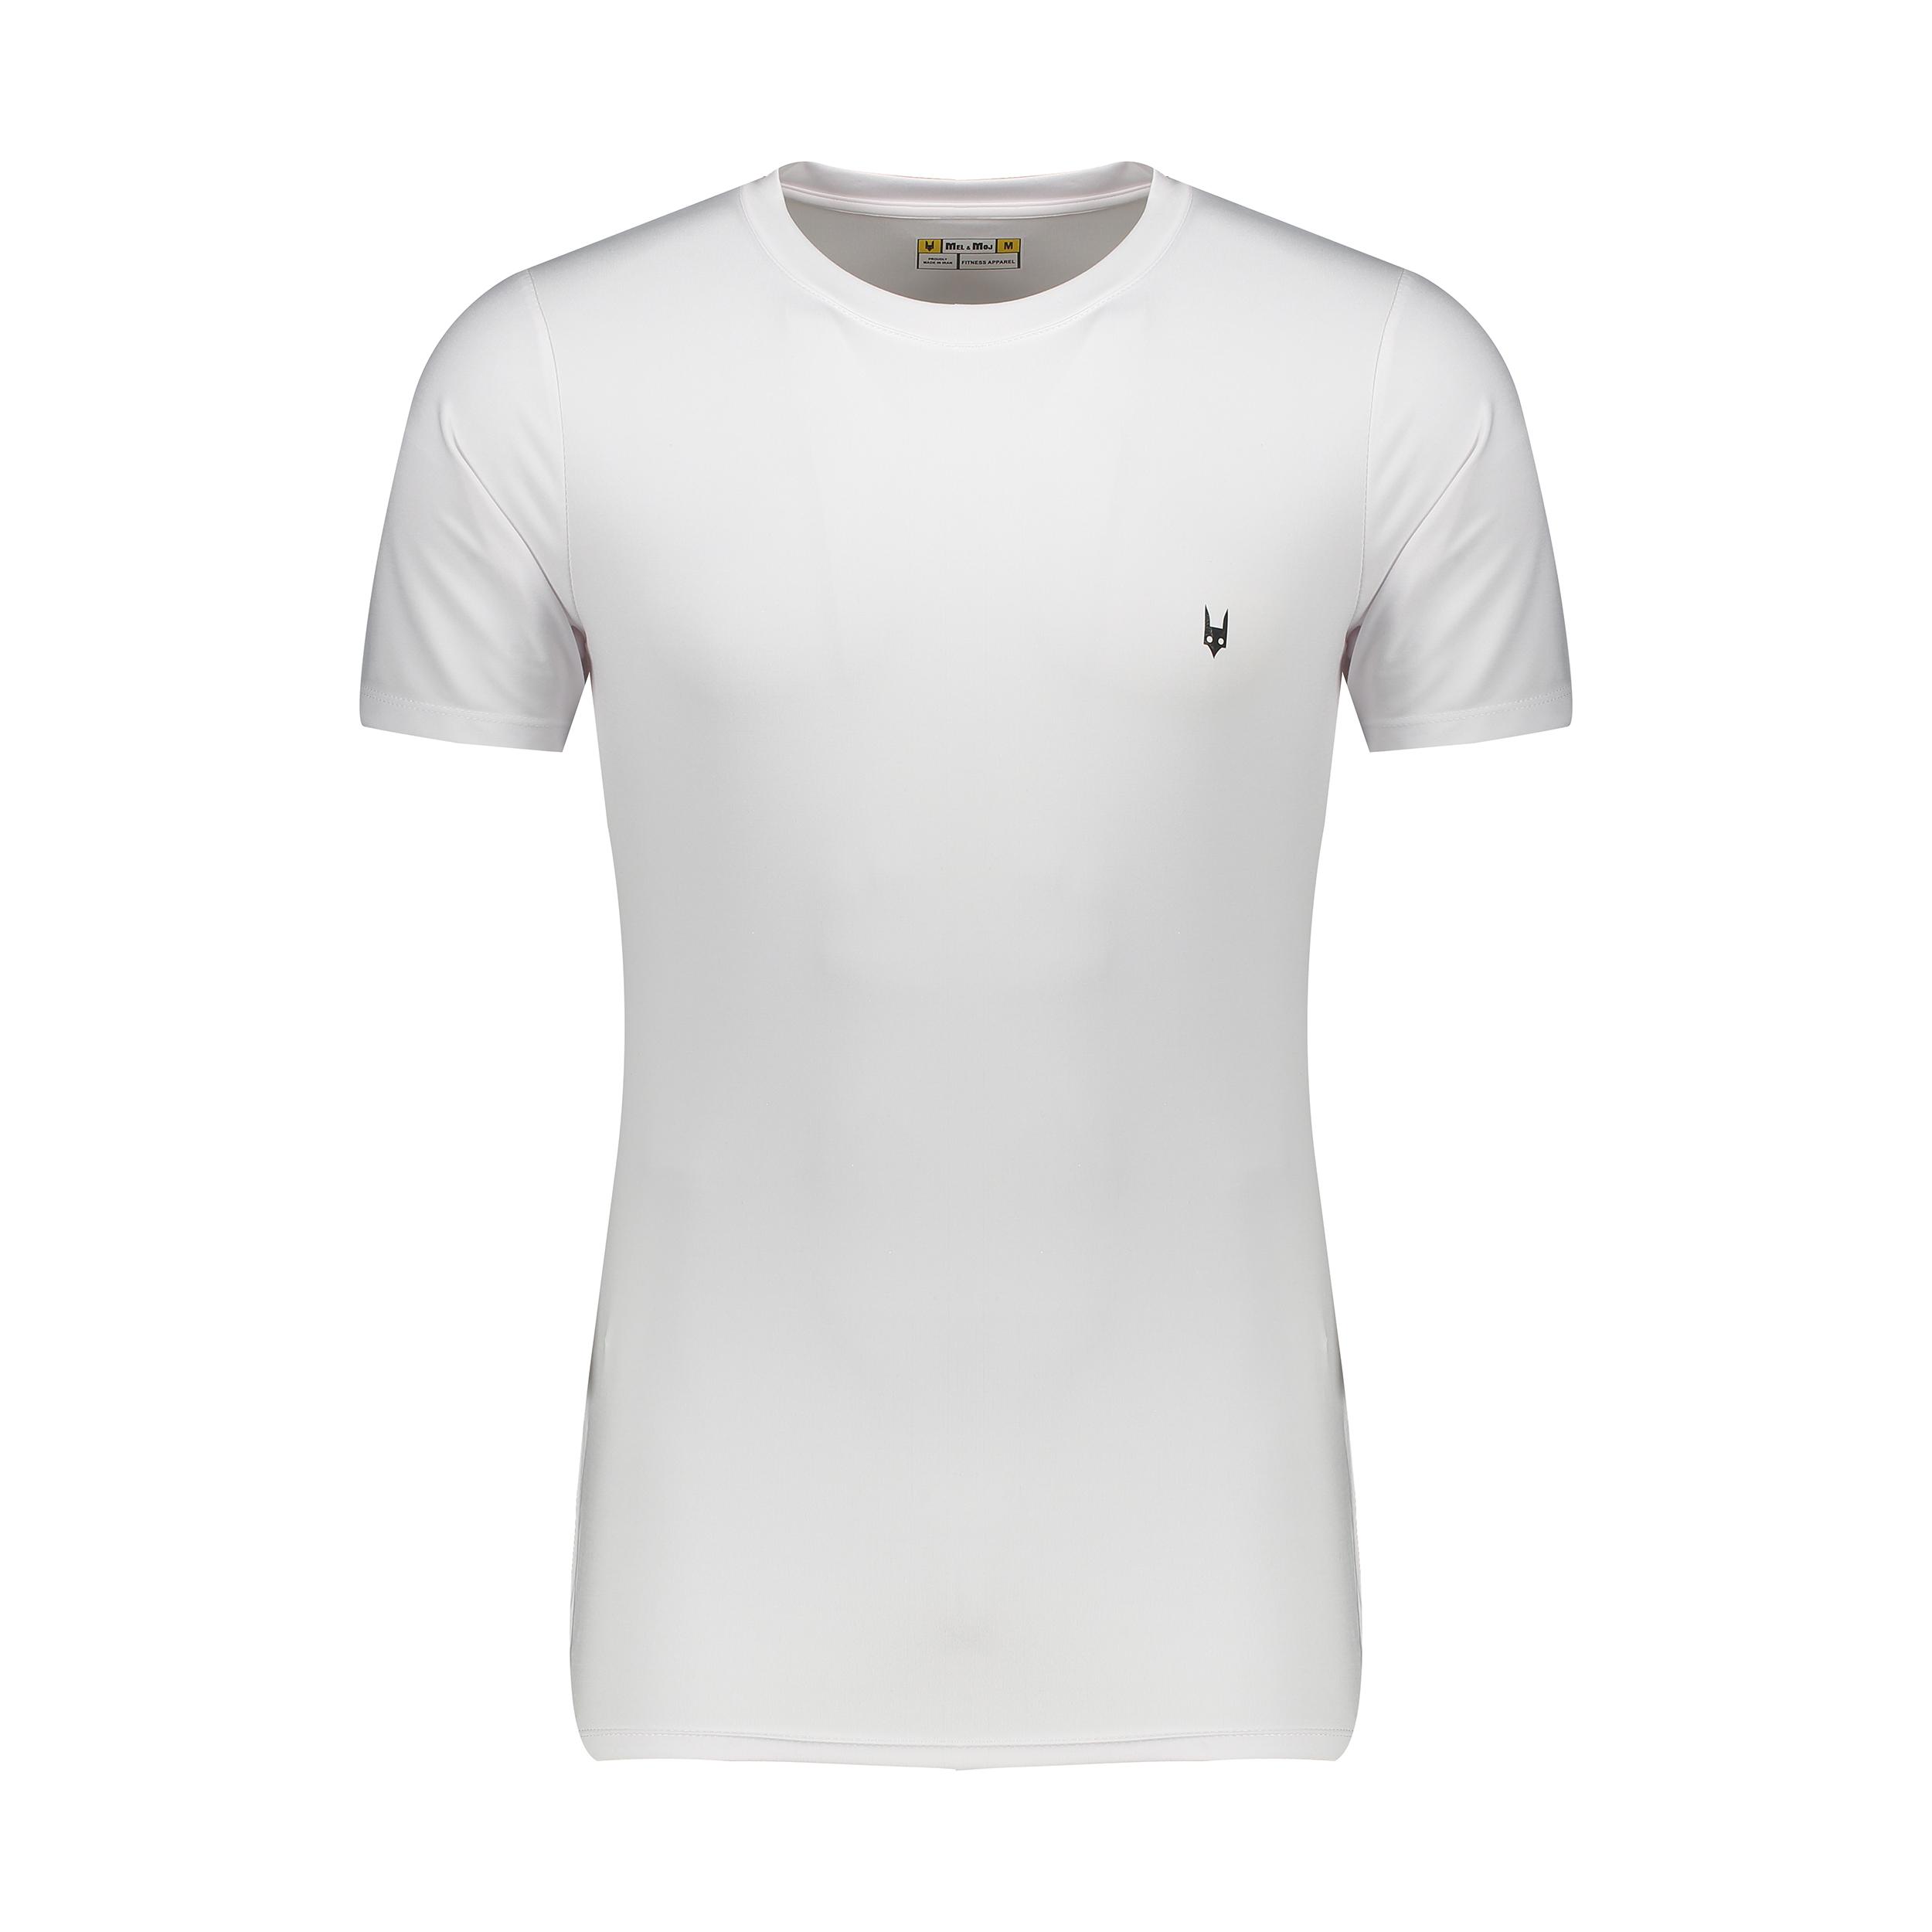 تی شرت  ورزشی زنانه مل اند موژ مدل M06681-002